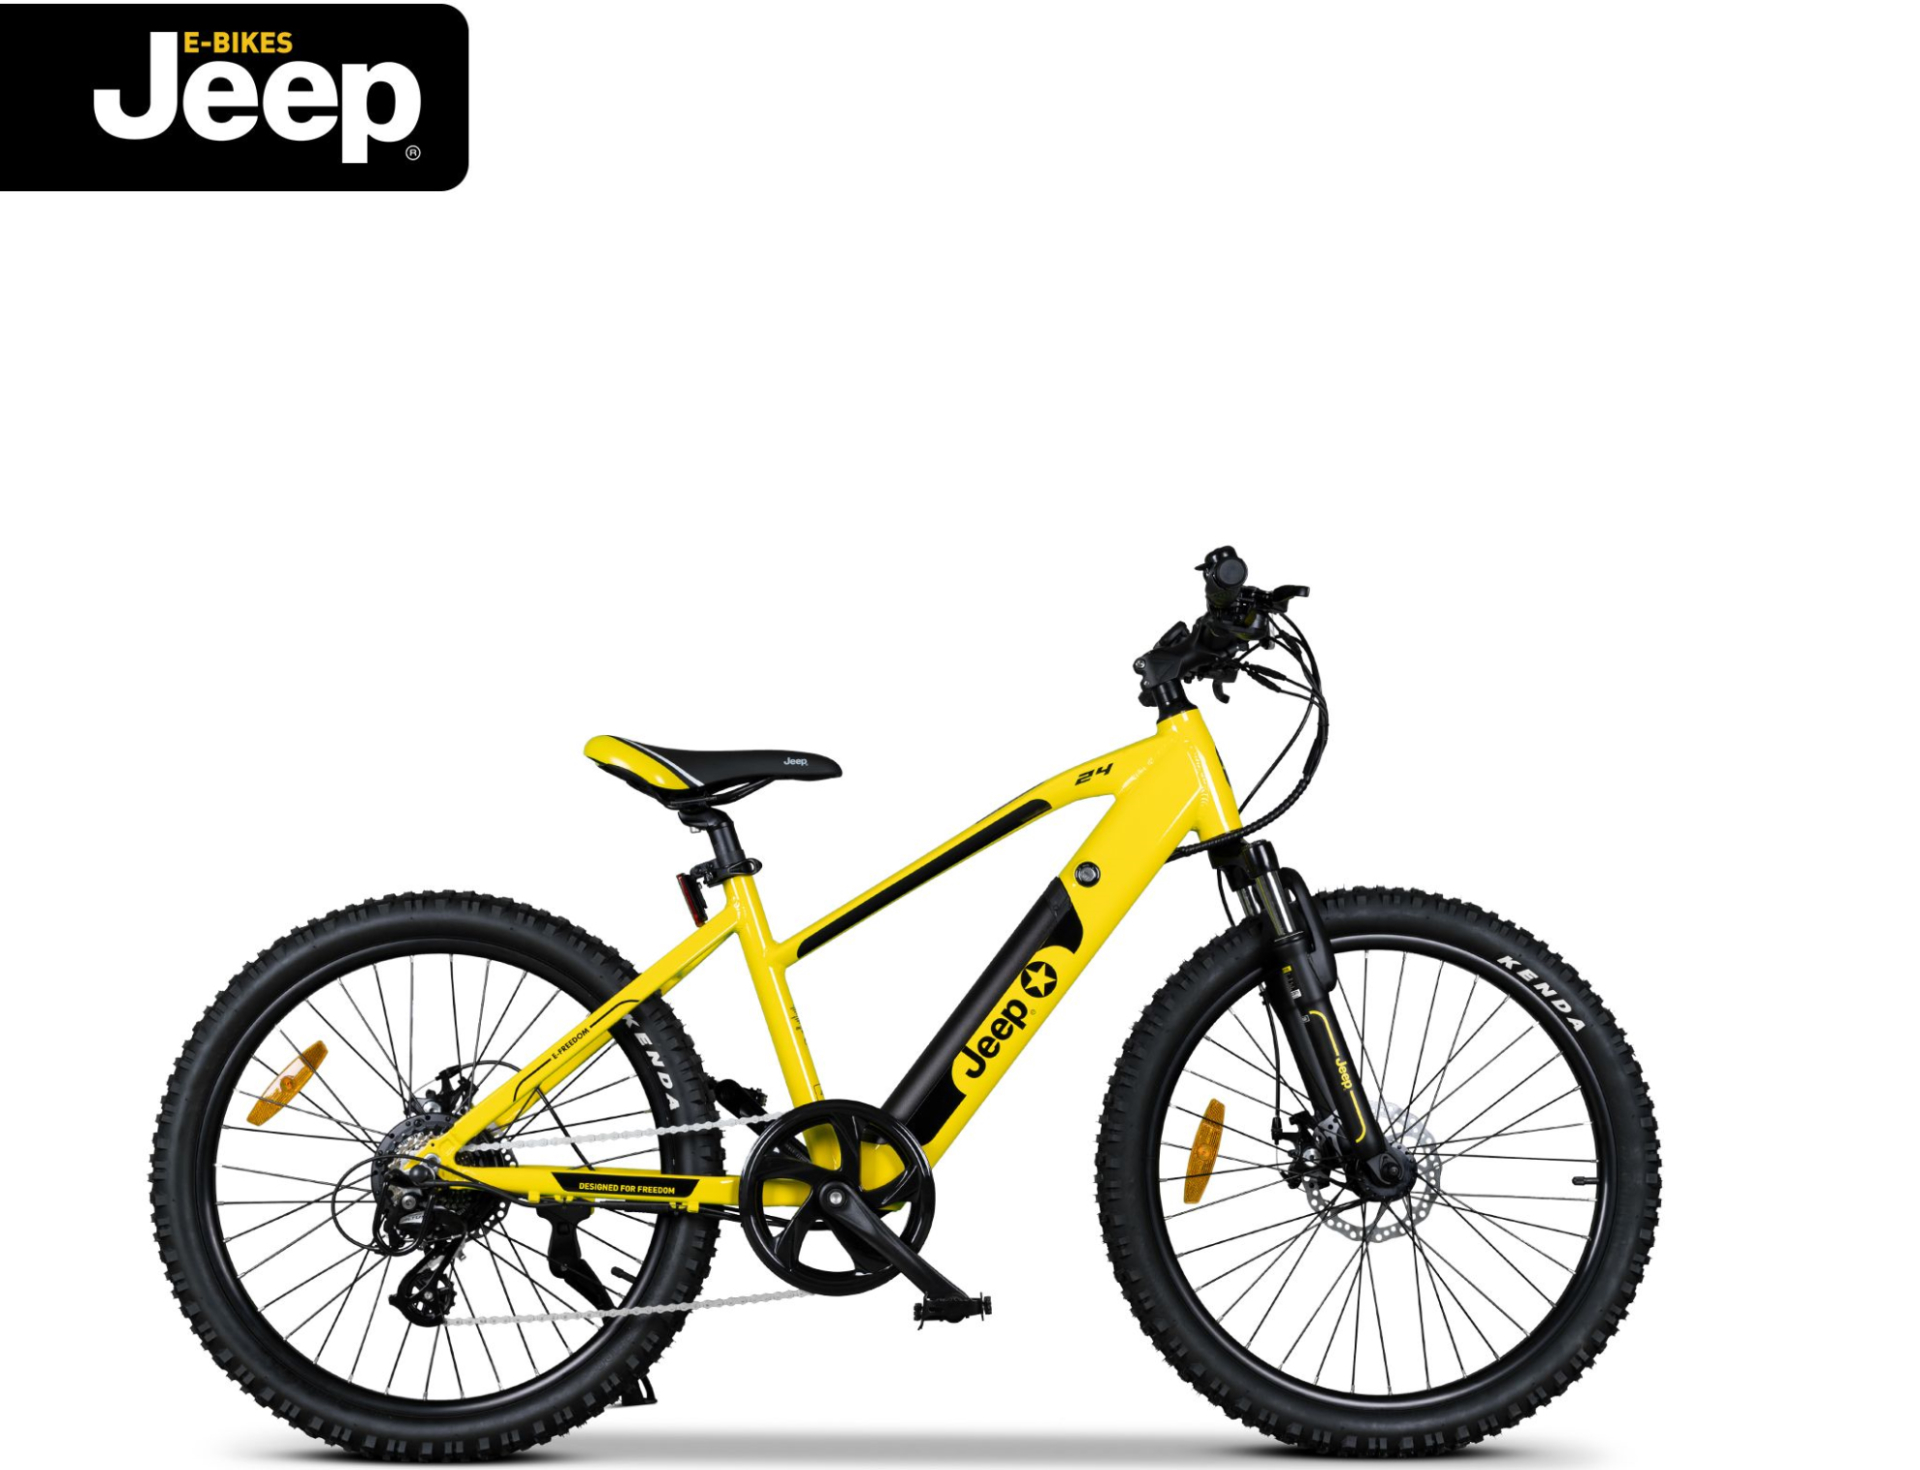 Jeep Teen E-Bike TR 70